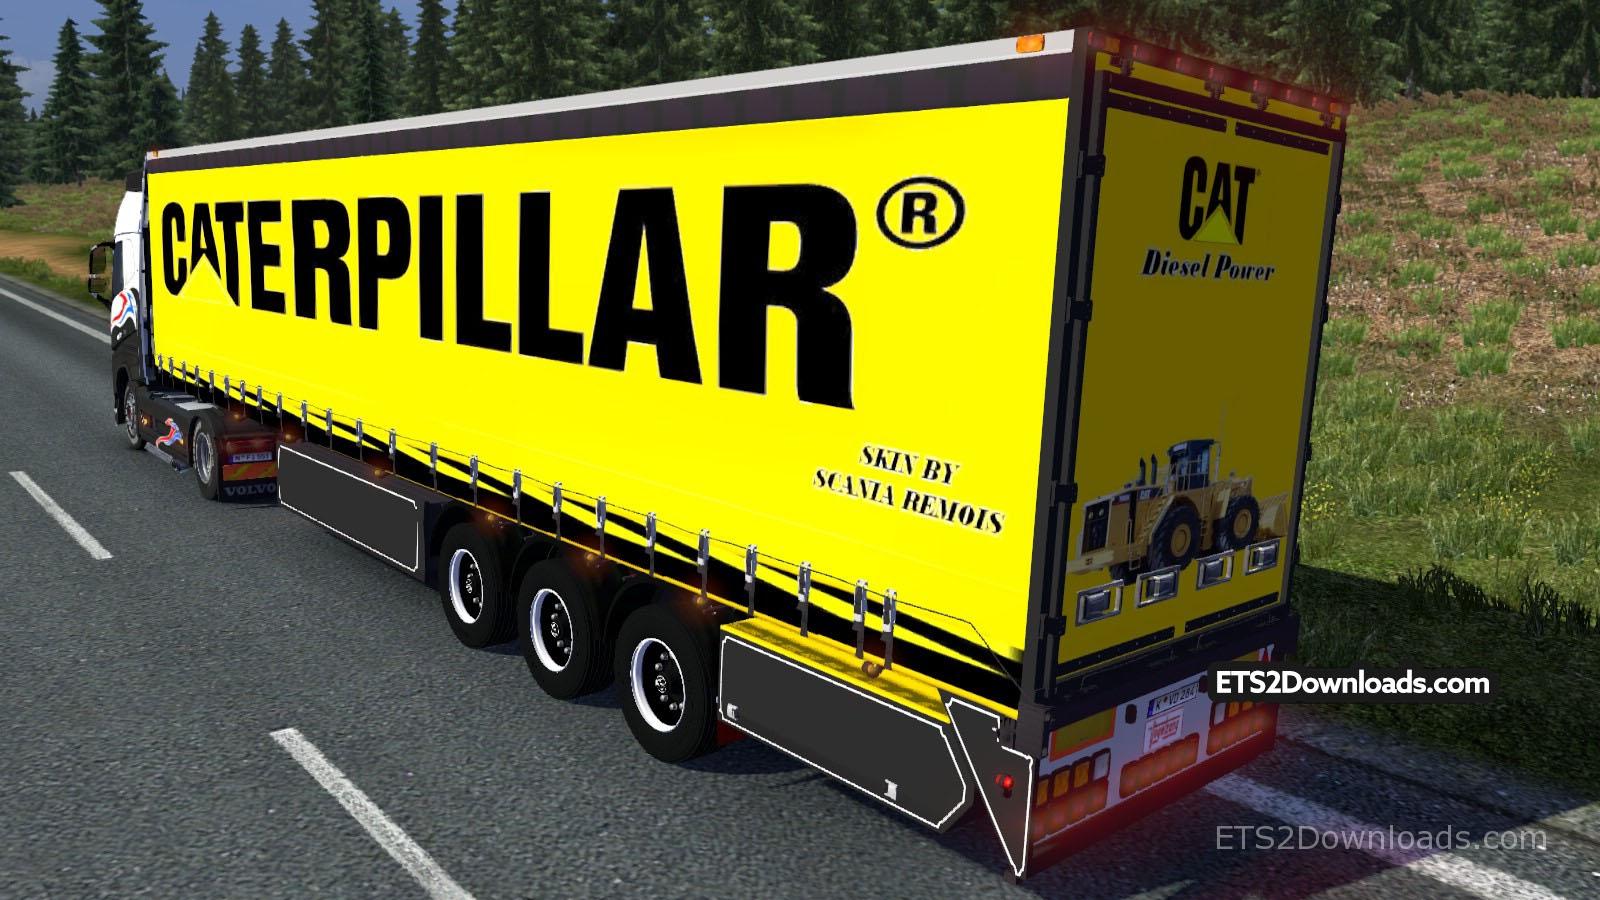 caterpillar-trailer